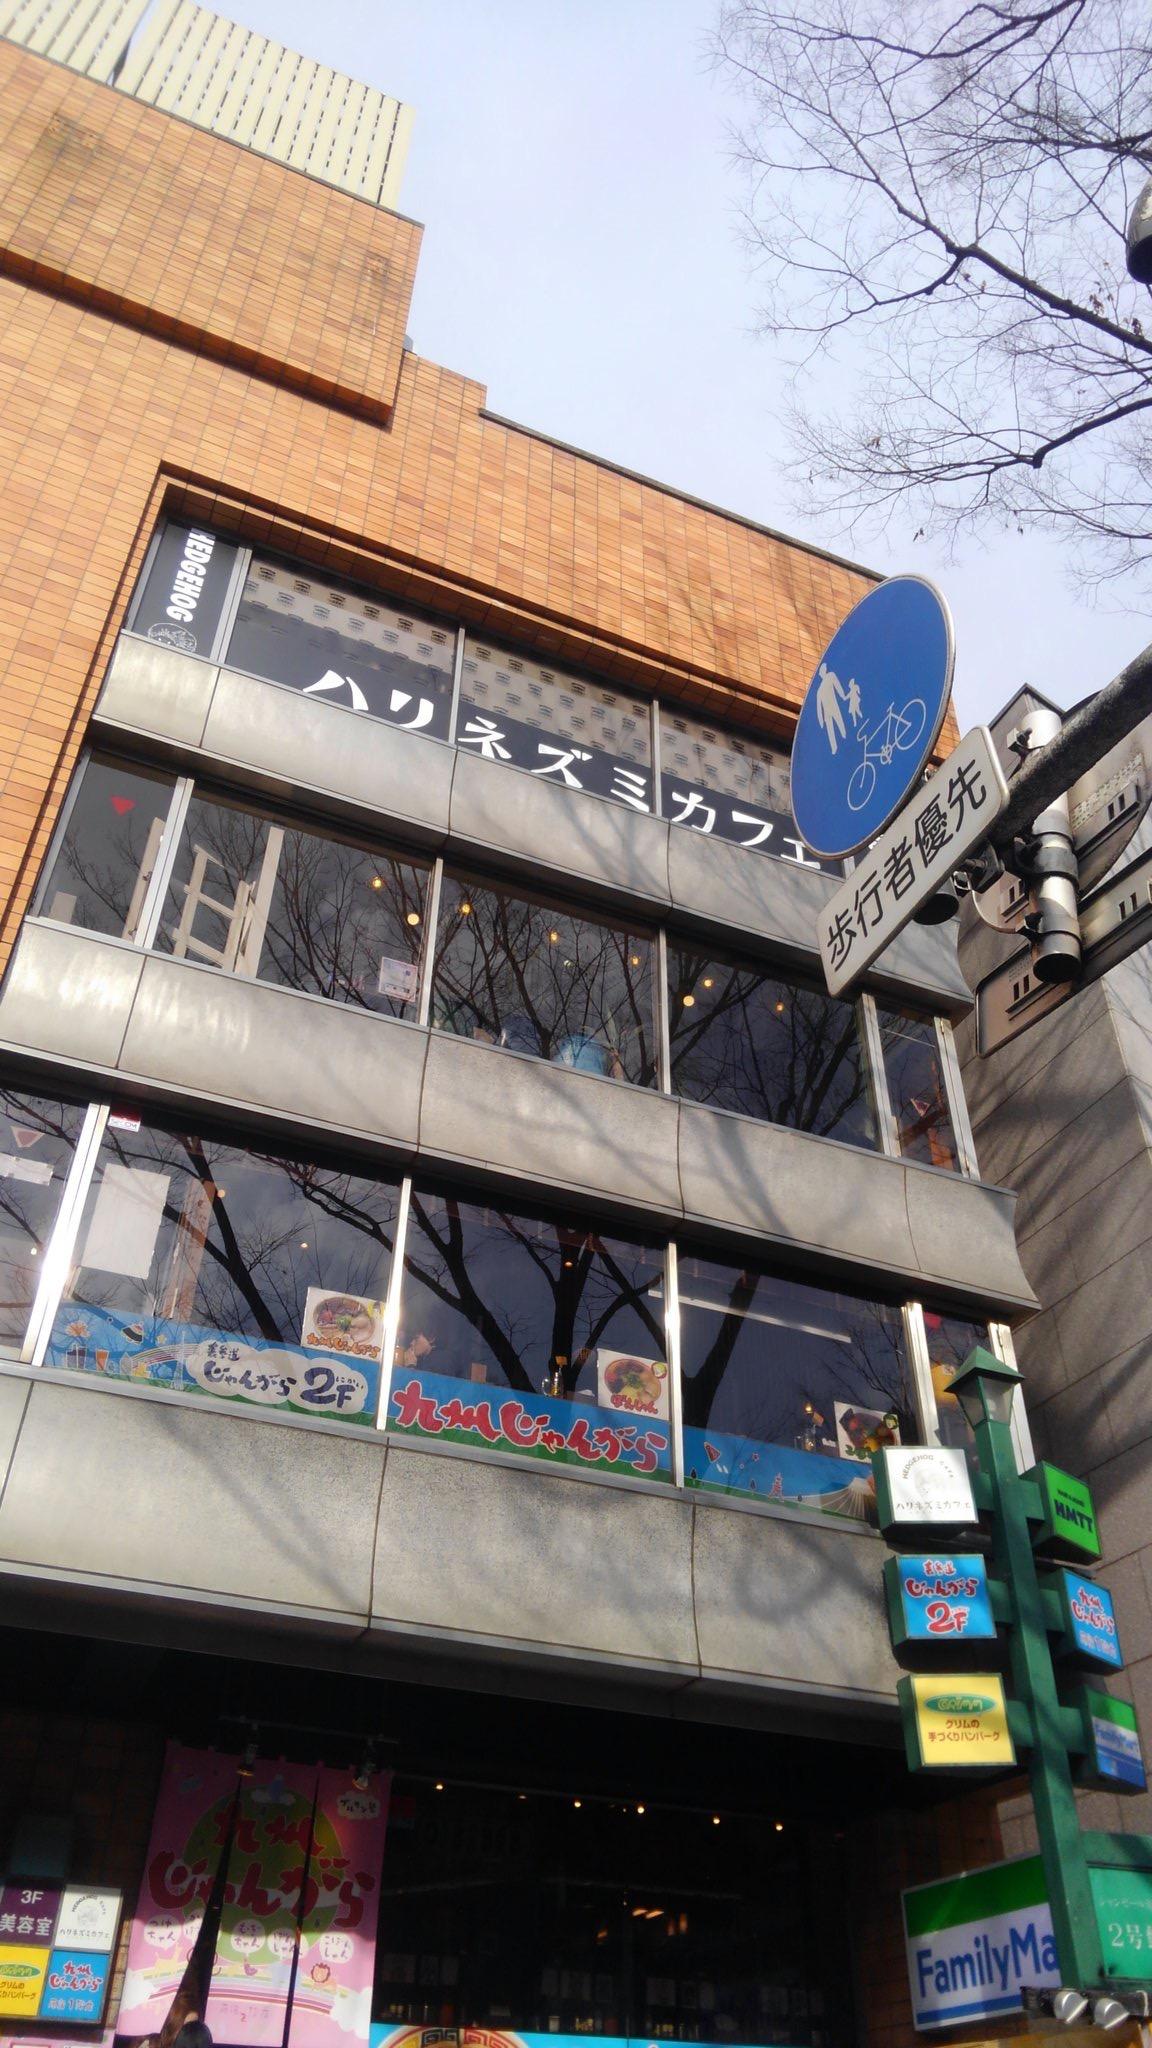 ハリネズミカフェHARRY(東京都渋谷区)